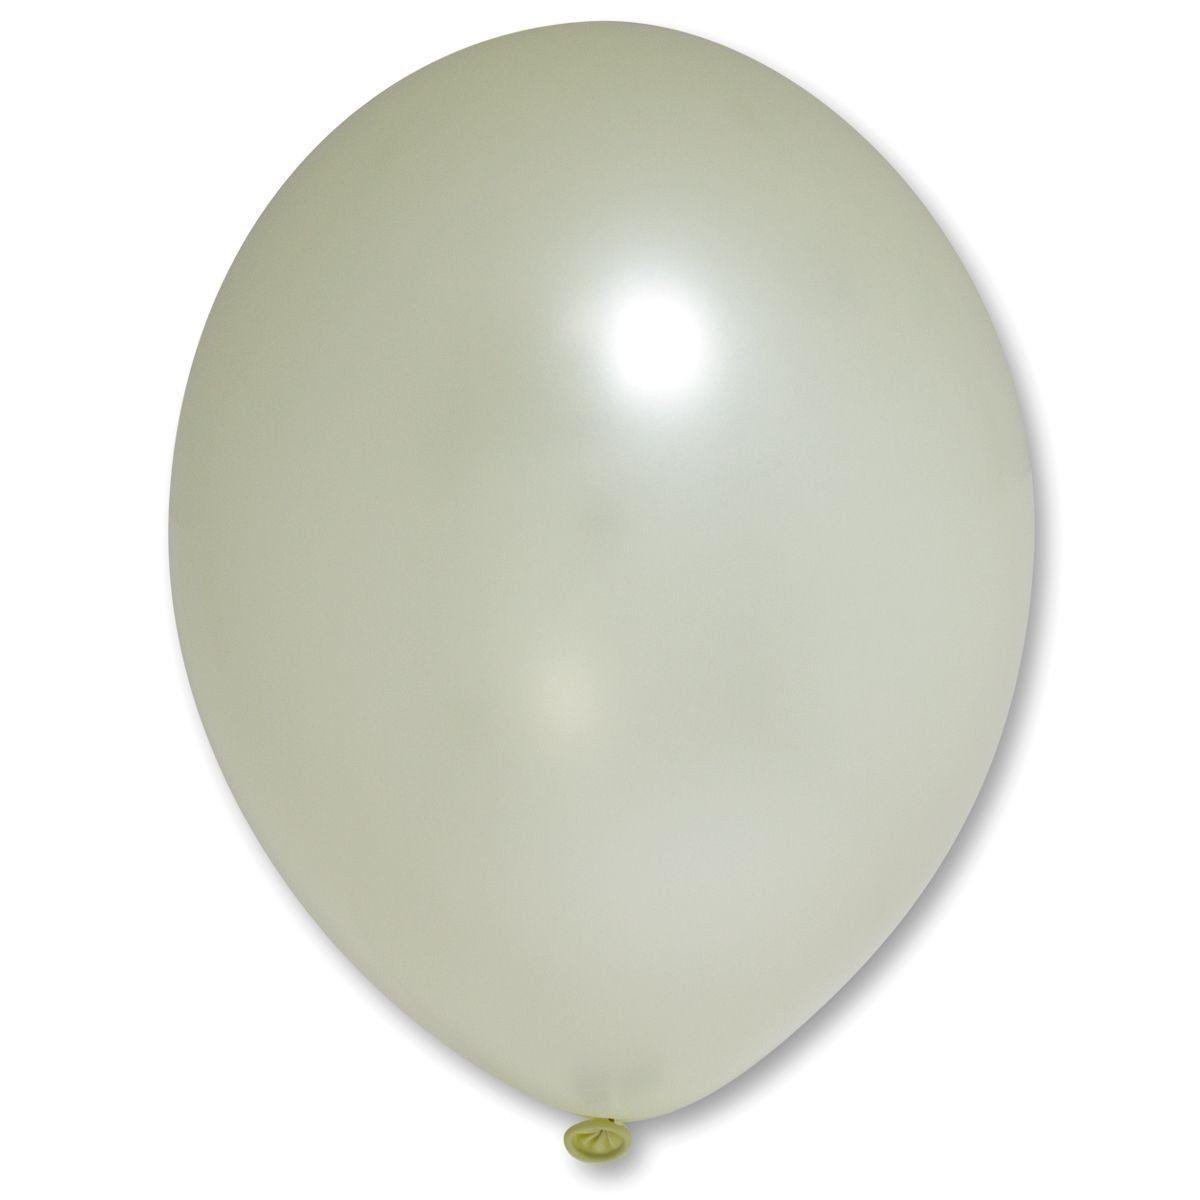 """Кулька 12""""/30 айворі екстра 077 латекс металік ТМ """"Belbal"""" однотонний шт."""